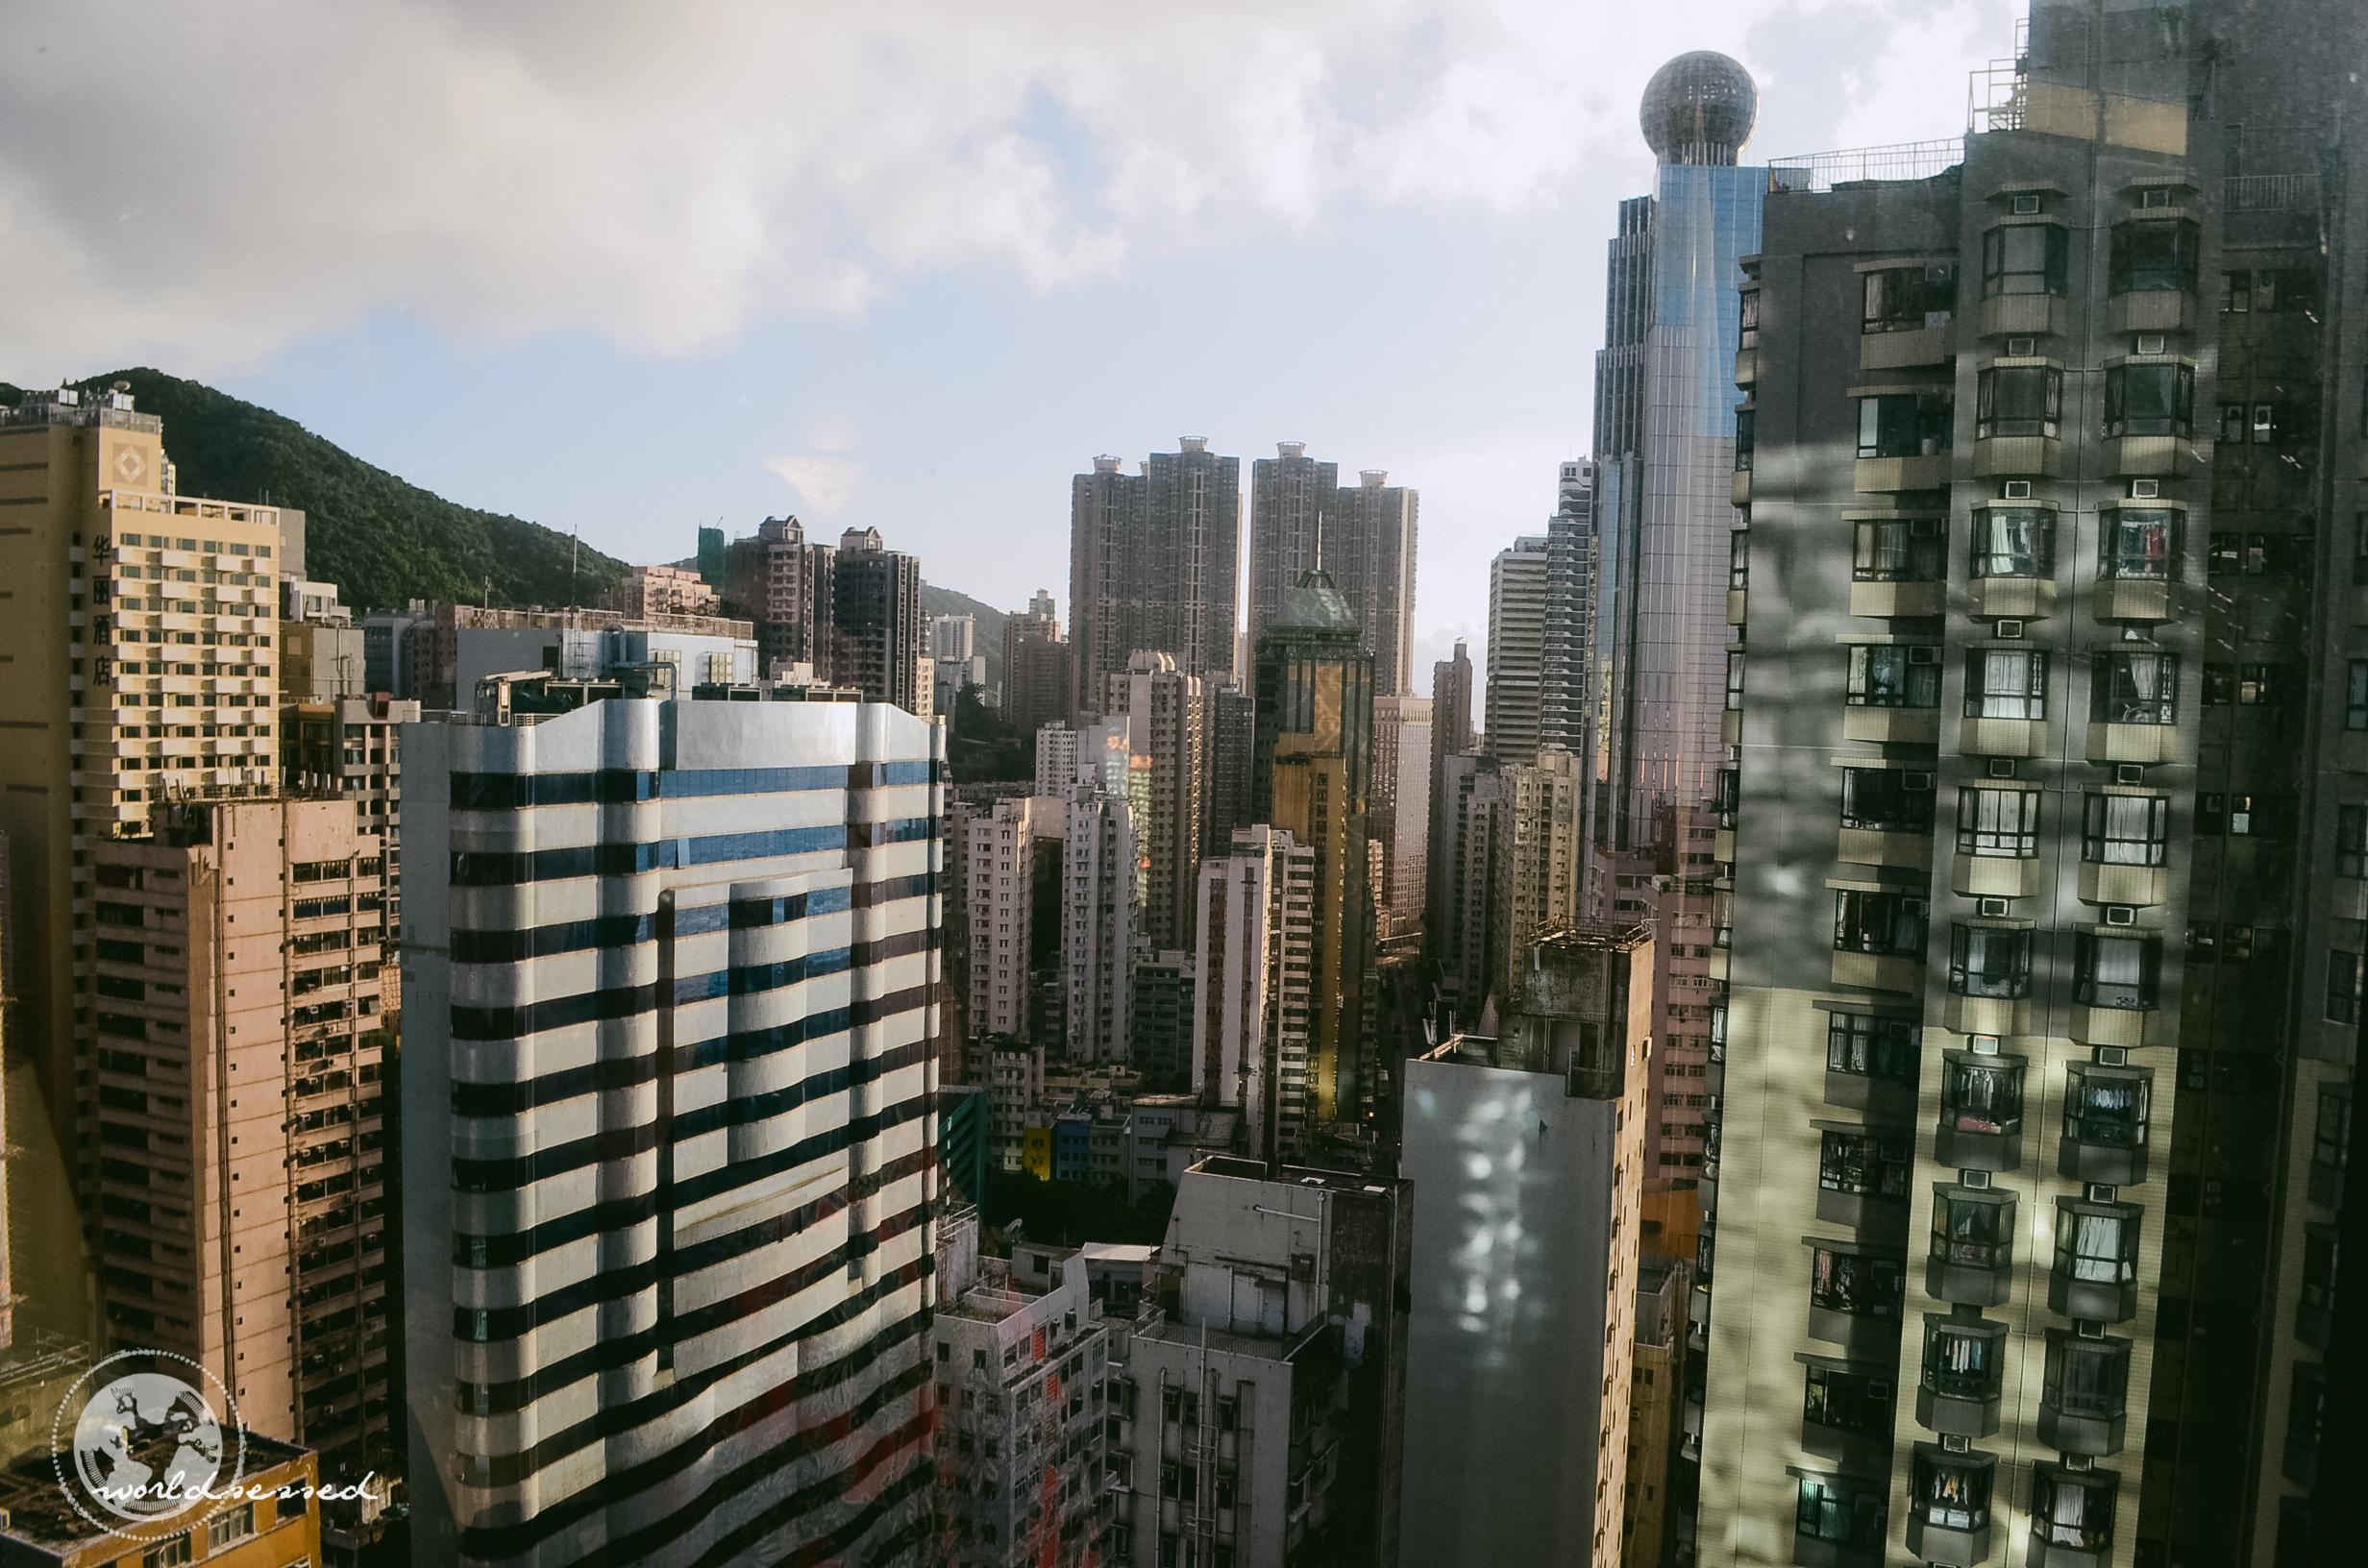 $$ Hotel Review: Island Pacific Hotel Hongkong